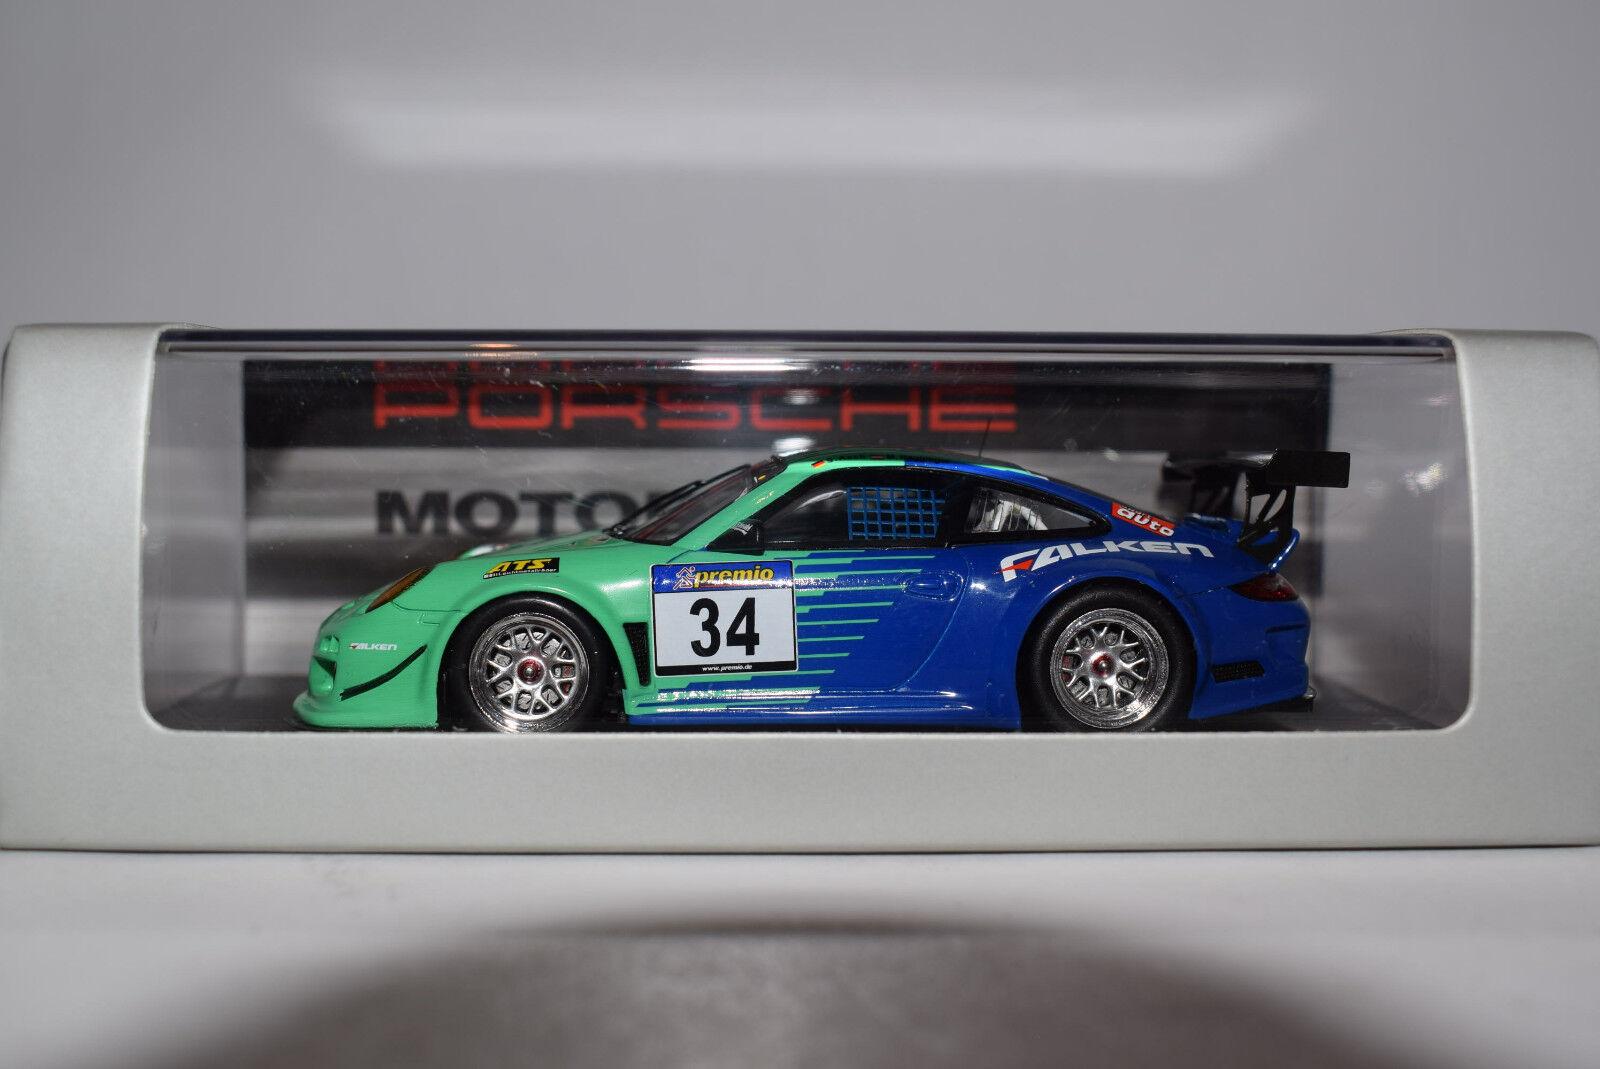 FAUCONS PORSCHE 911 (997) gt3 R droife Nurburgring 2011 # 34 Spark 1:43 neuf dans sa boîte | Sale